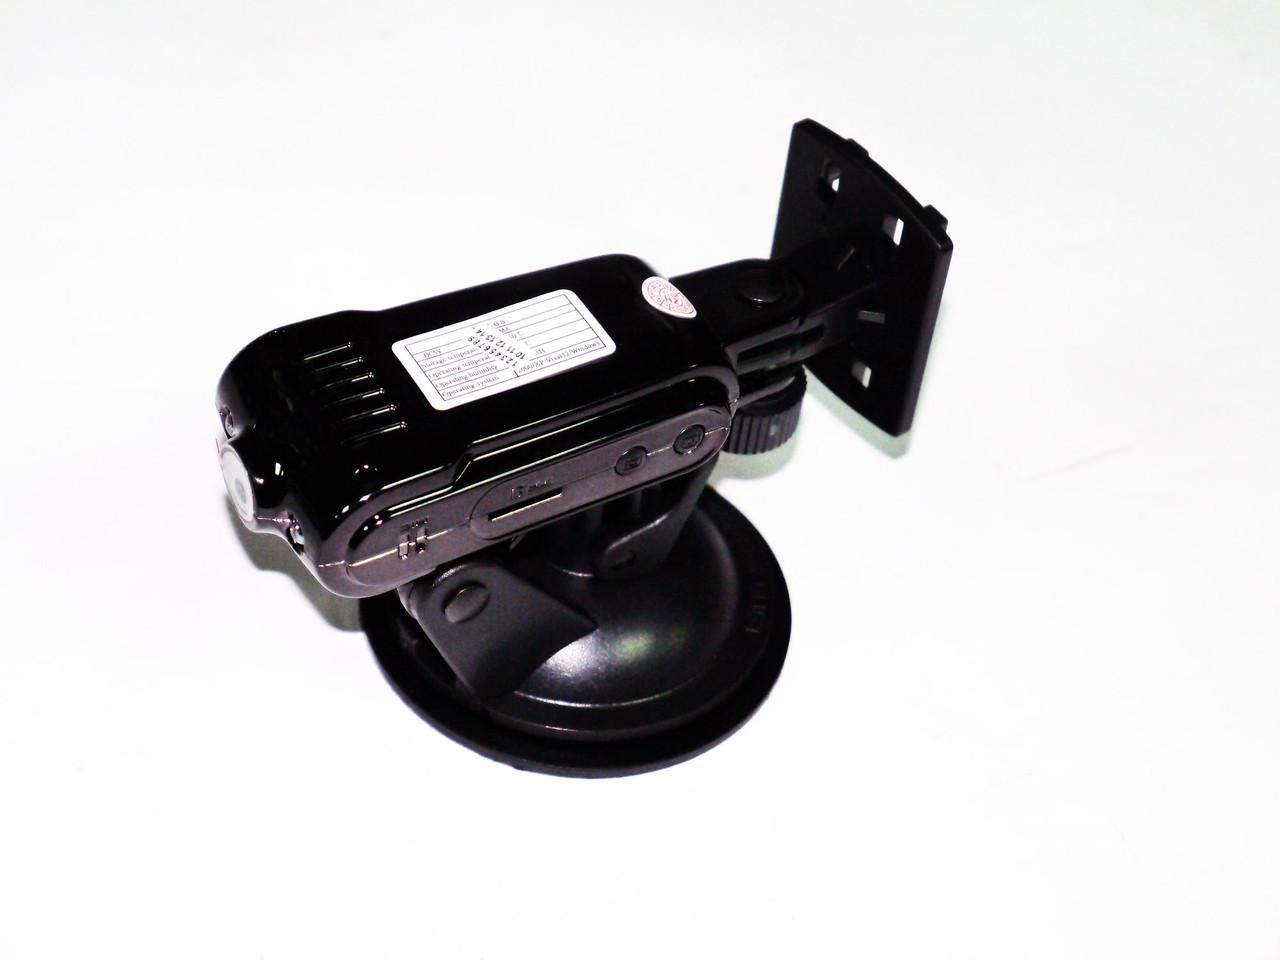 Atlas VR1 Видеорегистратор с креплением для навигатора